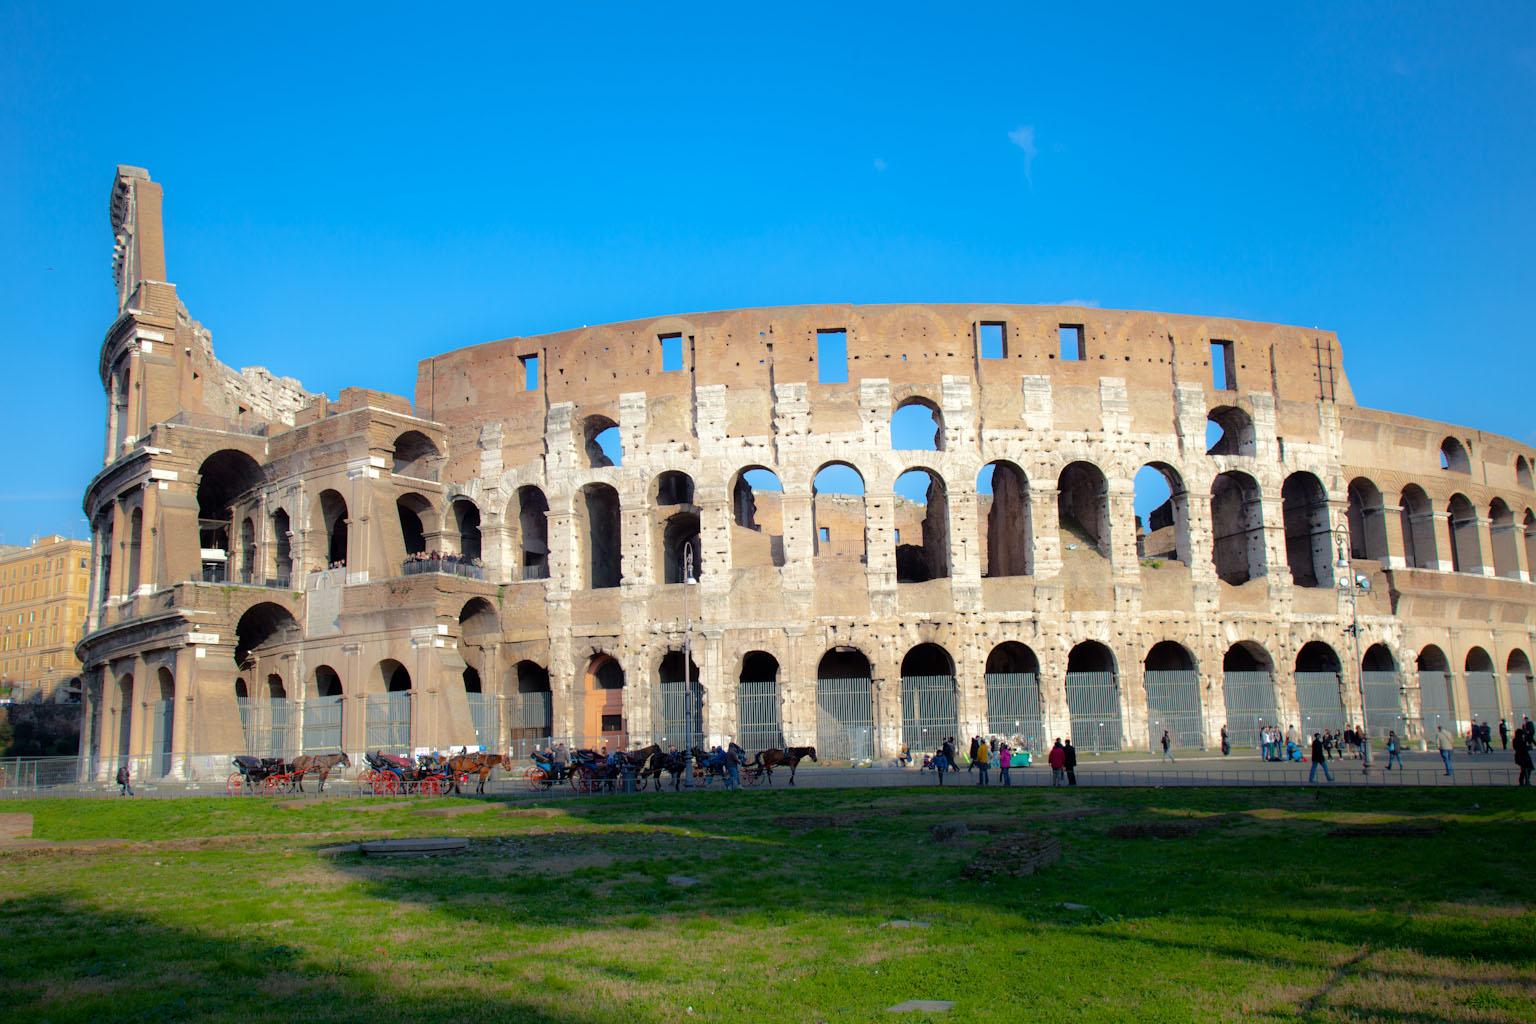 Jak zorganizować wyjazd z dziećmi do Rzymu? Praktyczne rady, sprawdzone adresy!